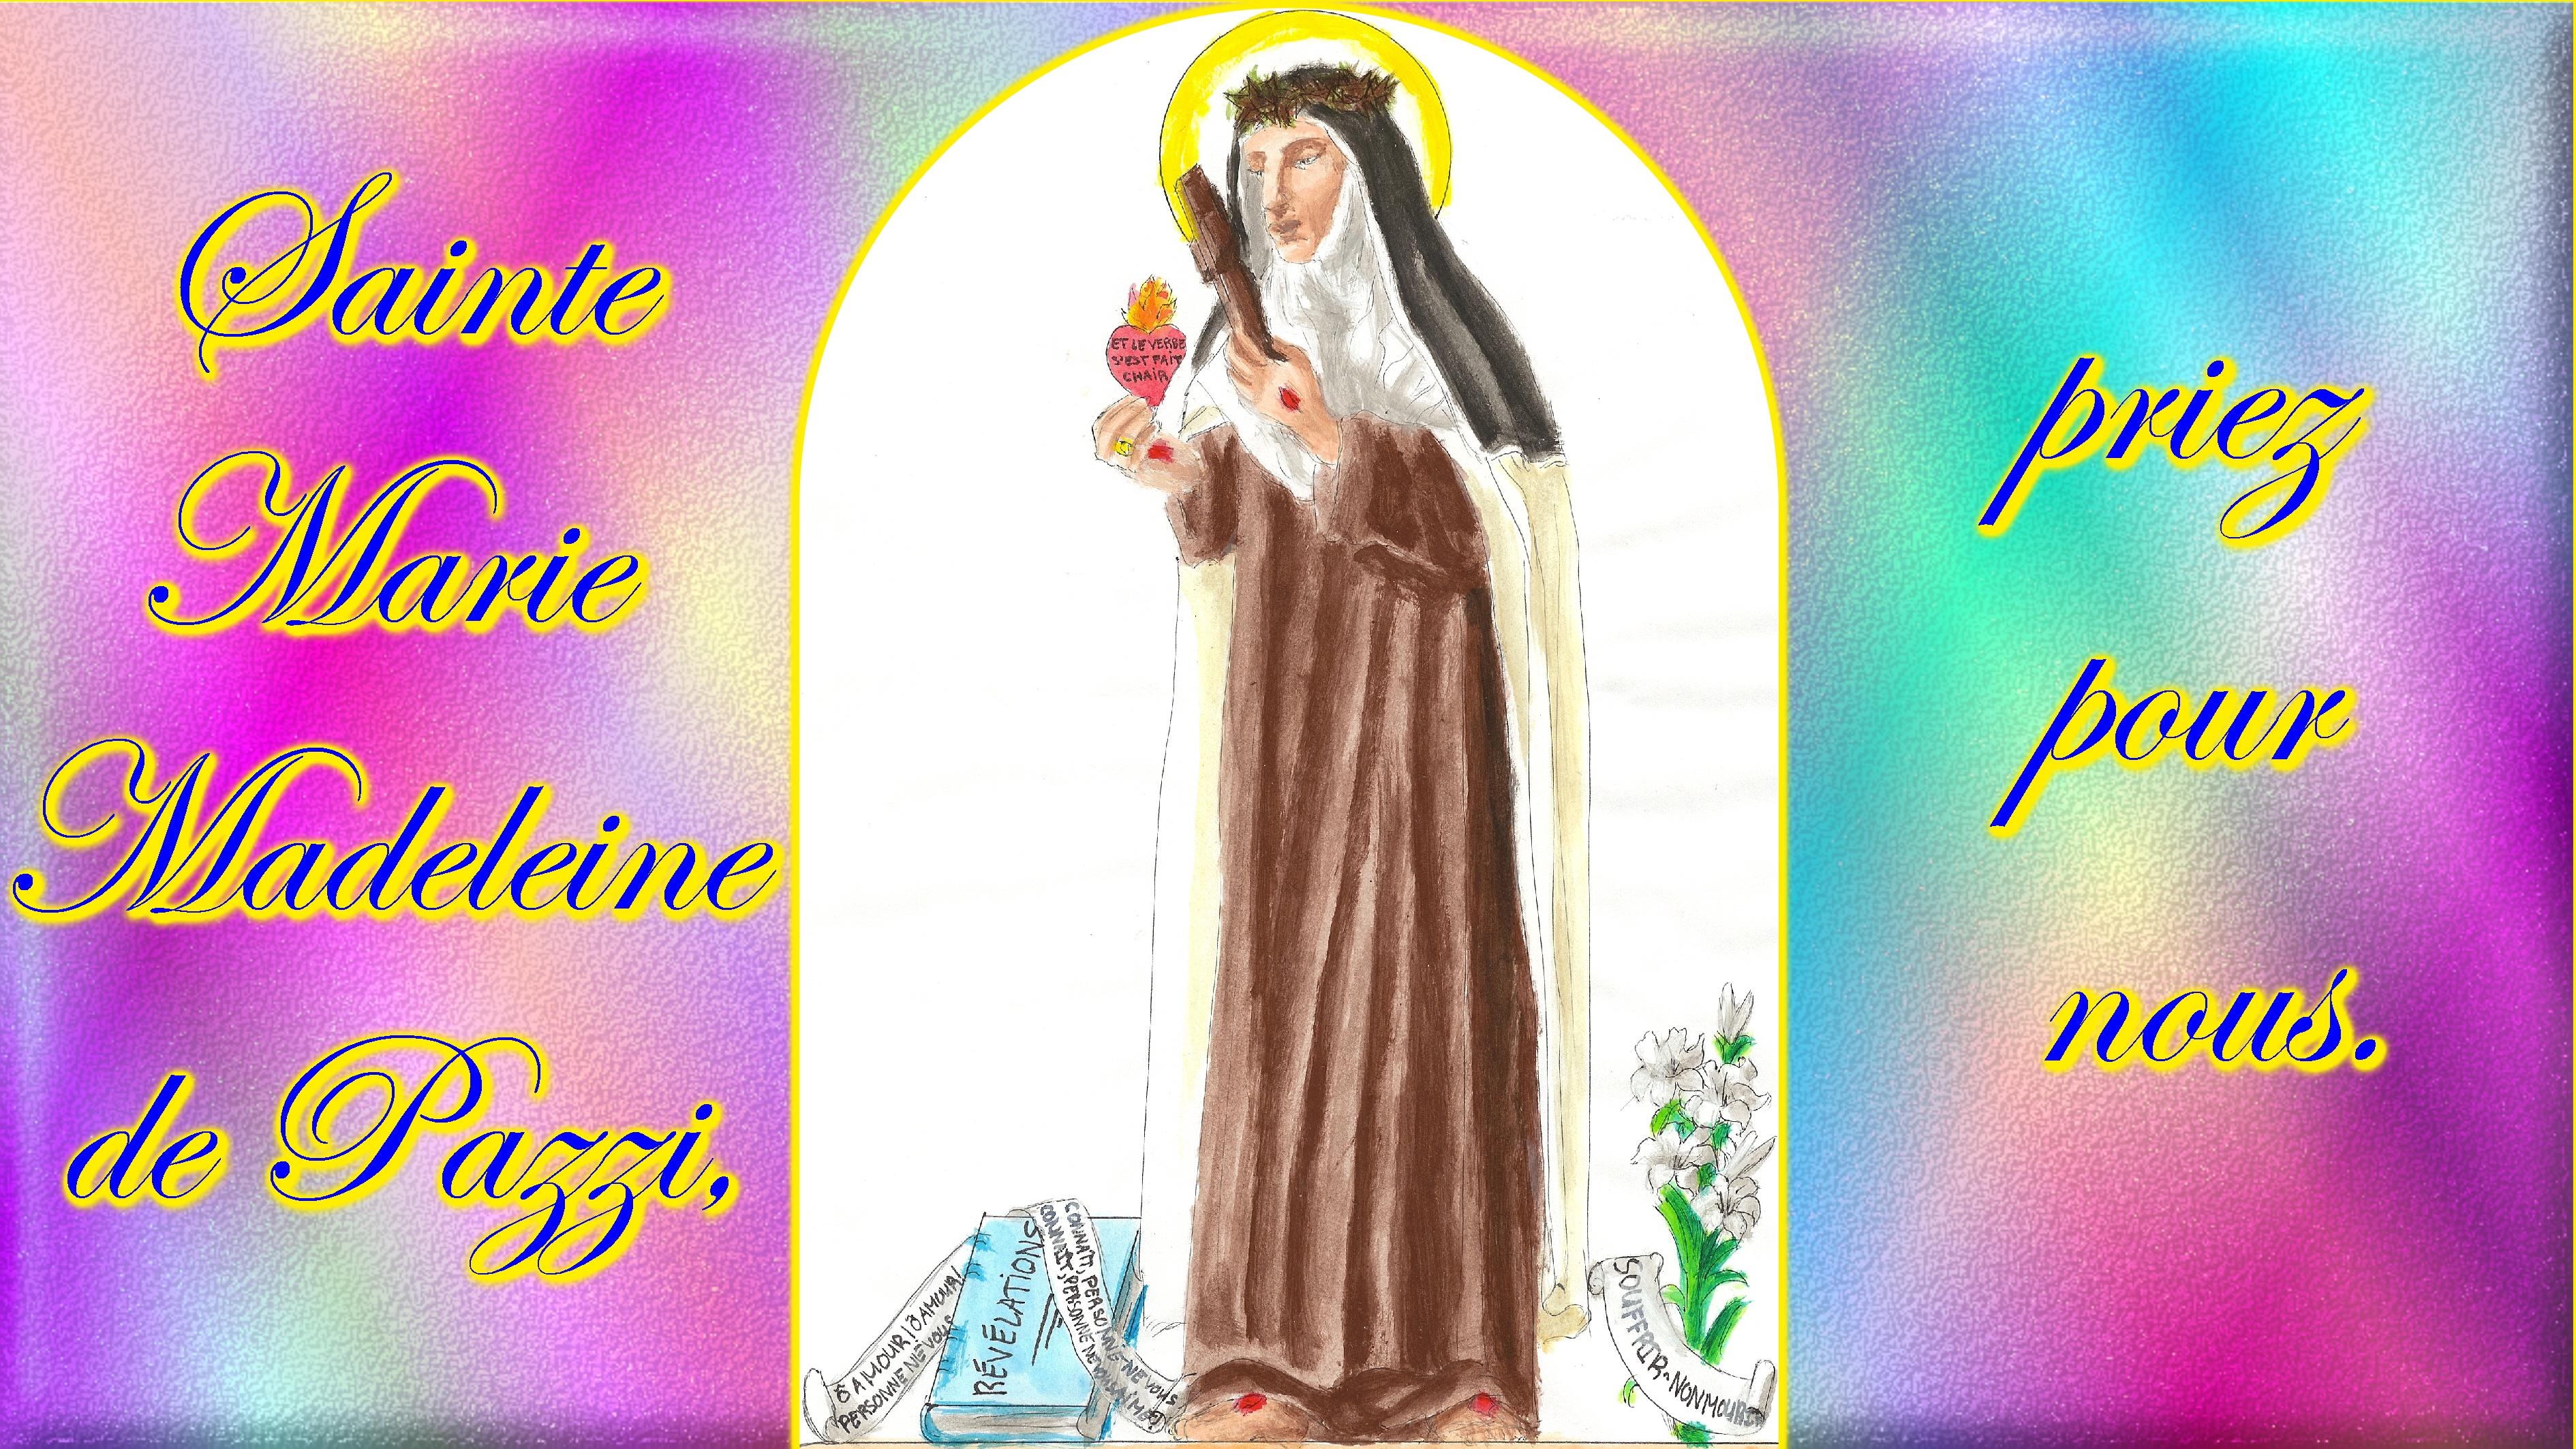 CALENDRIER CATHOLIQUE 2020 (Cantiques, Prières & Images) - Page 15 Ste-marie-madeleine-de-pazzi-576c33d